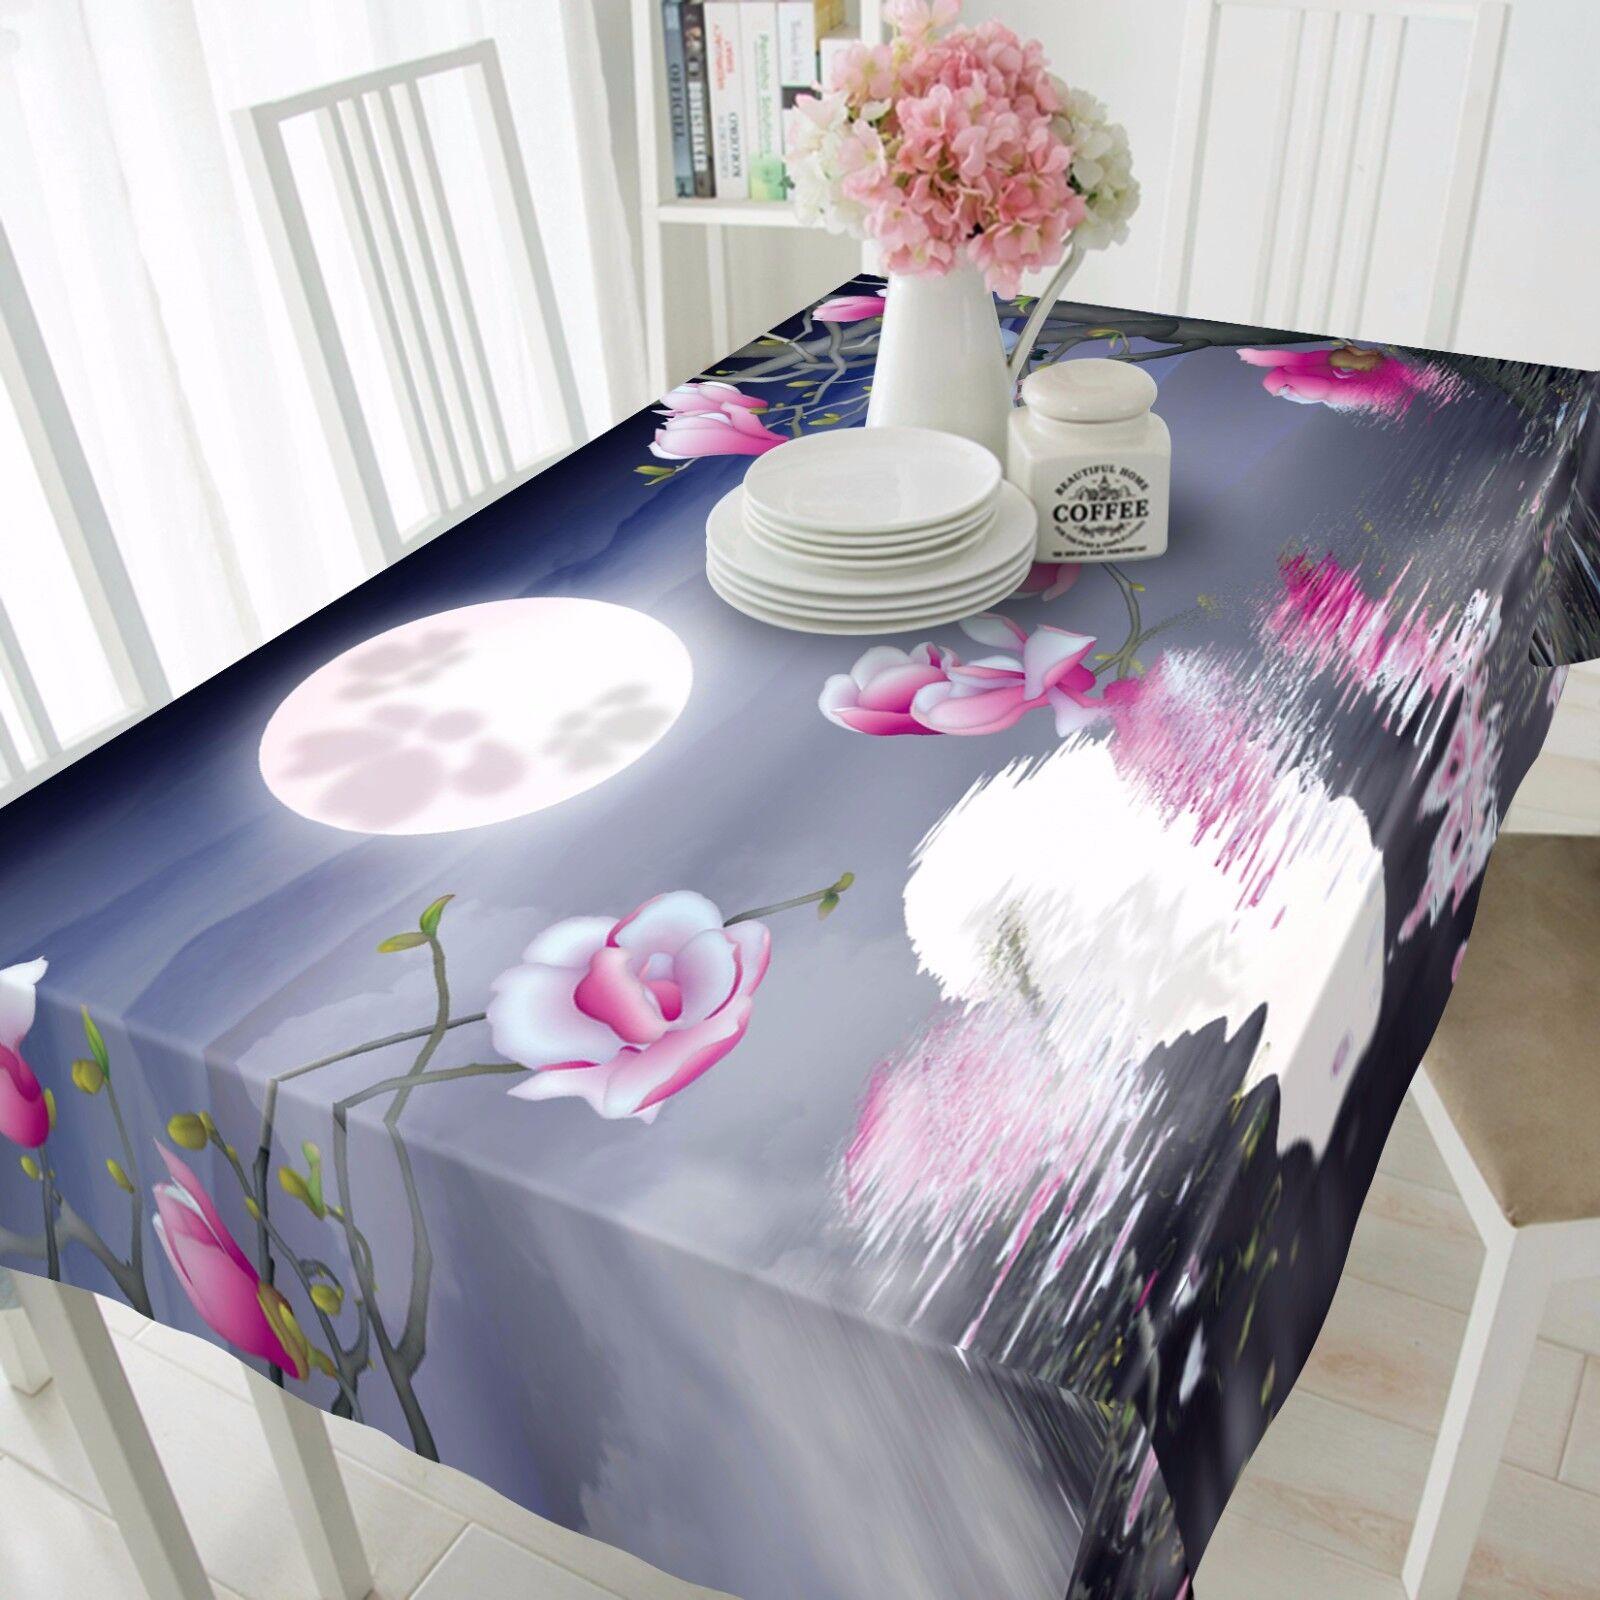 3D Lune sombre 84 Nappe Table Cover Cloth Fête D'Anniversaire événement AJ papier peint UK